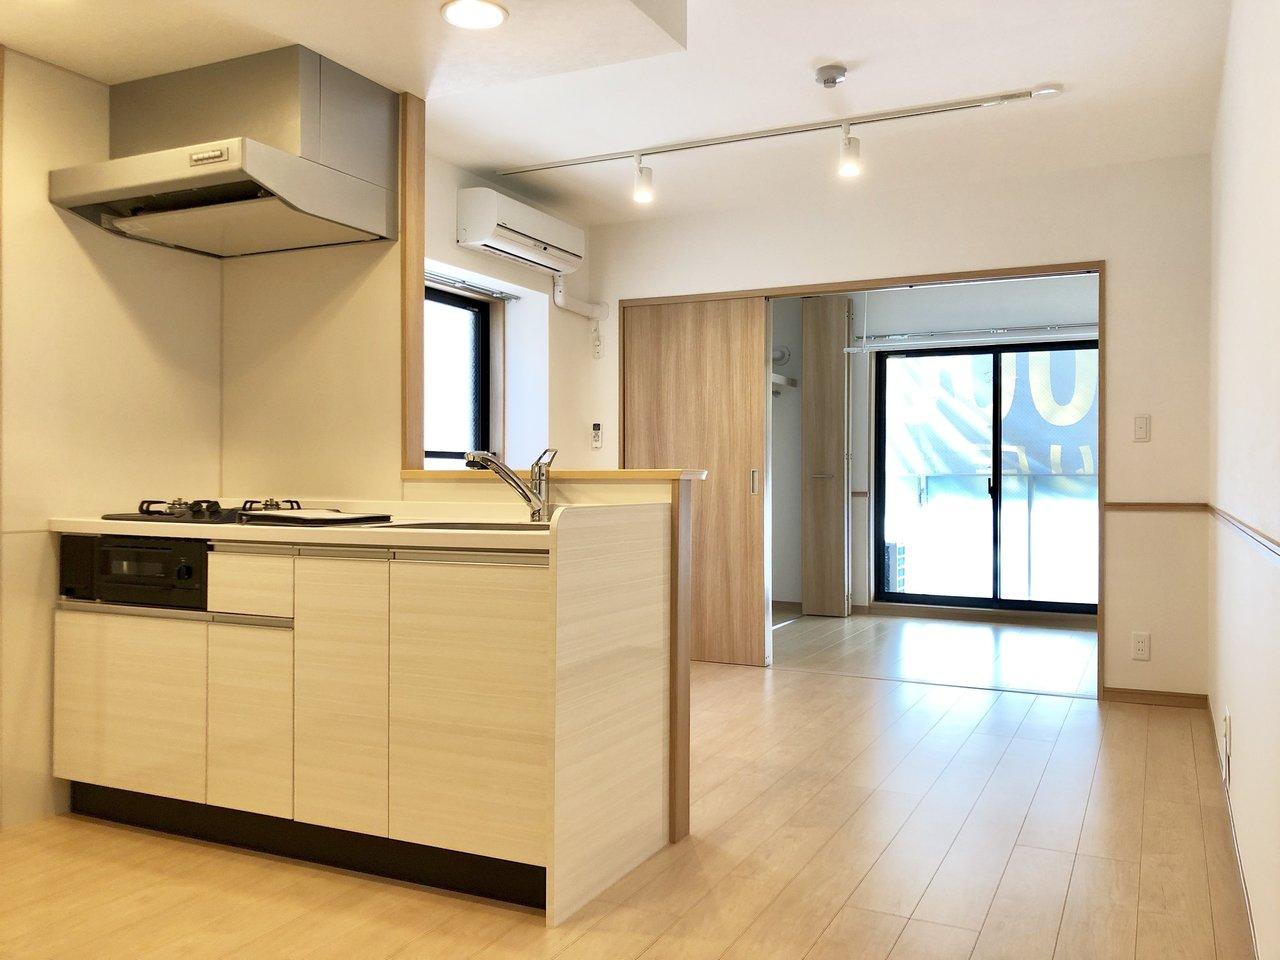 34.71㎡とややコンパクトですが、寝室とLDKでしっかり2部屋区切ることができ、仲良しふたり暮らしにおすすめしたい新築のお部屋です。